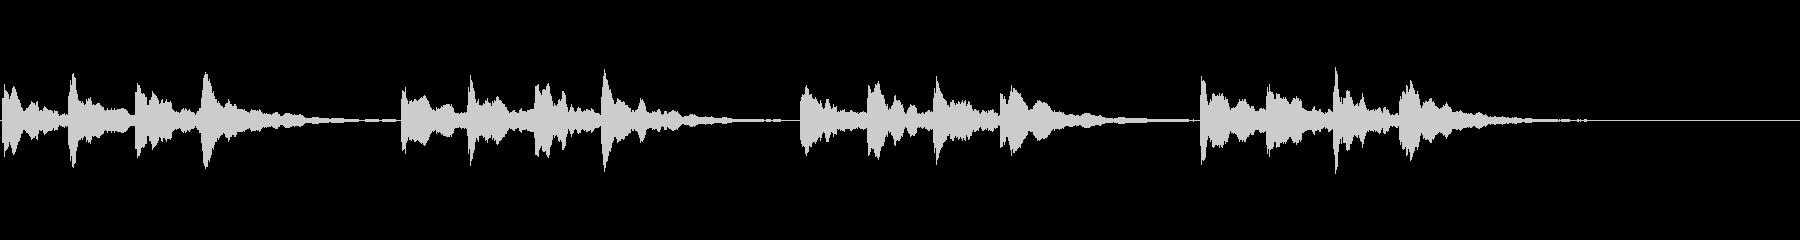 チャイム 教会用の未再生の波形